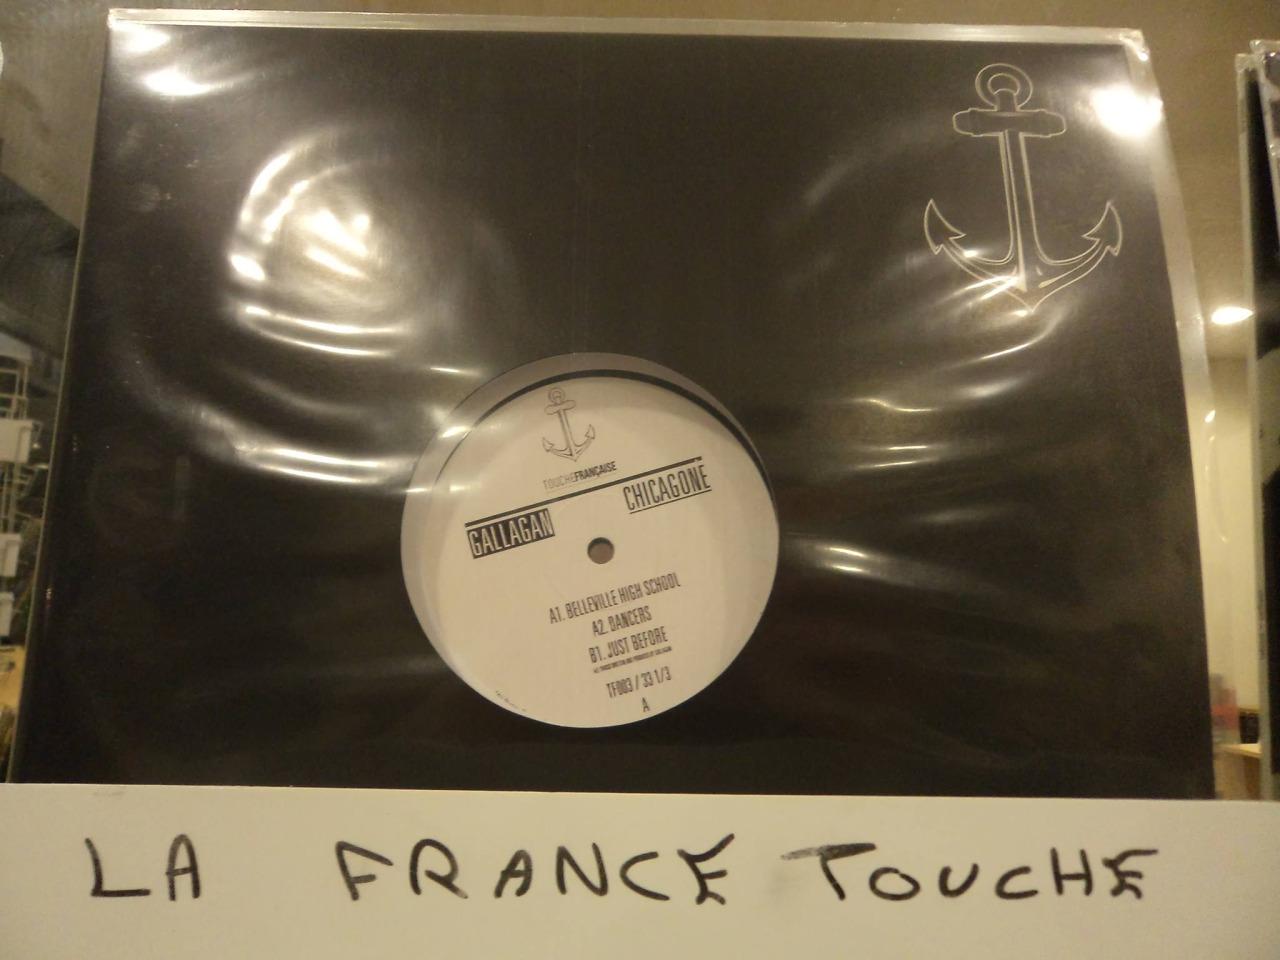 La France touche